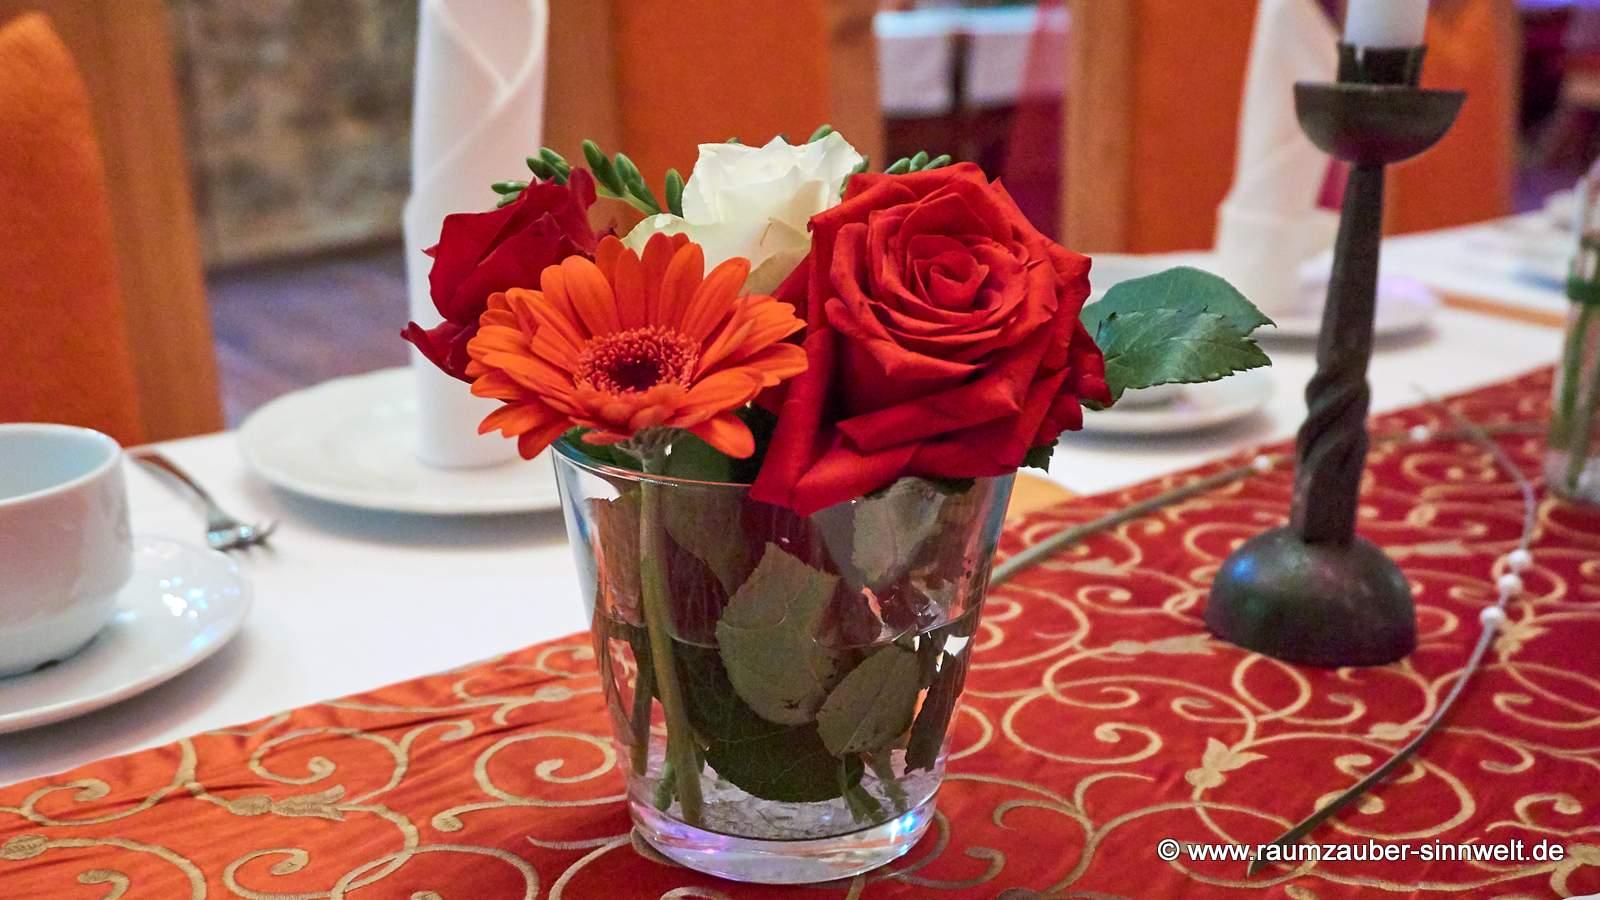 Tischdekoration mit Rosen und Gerbera